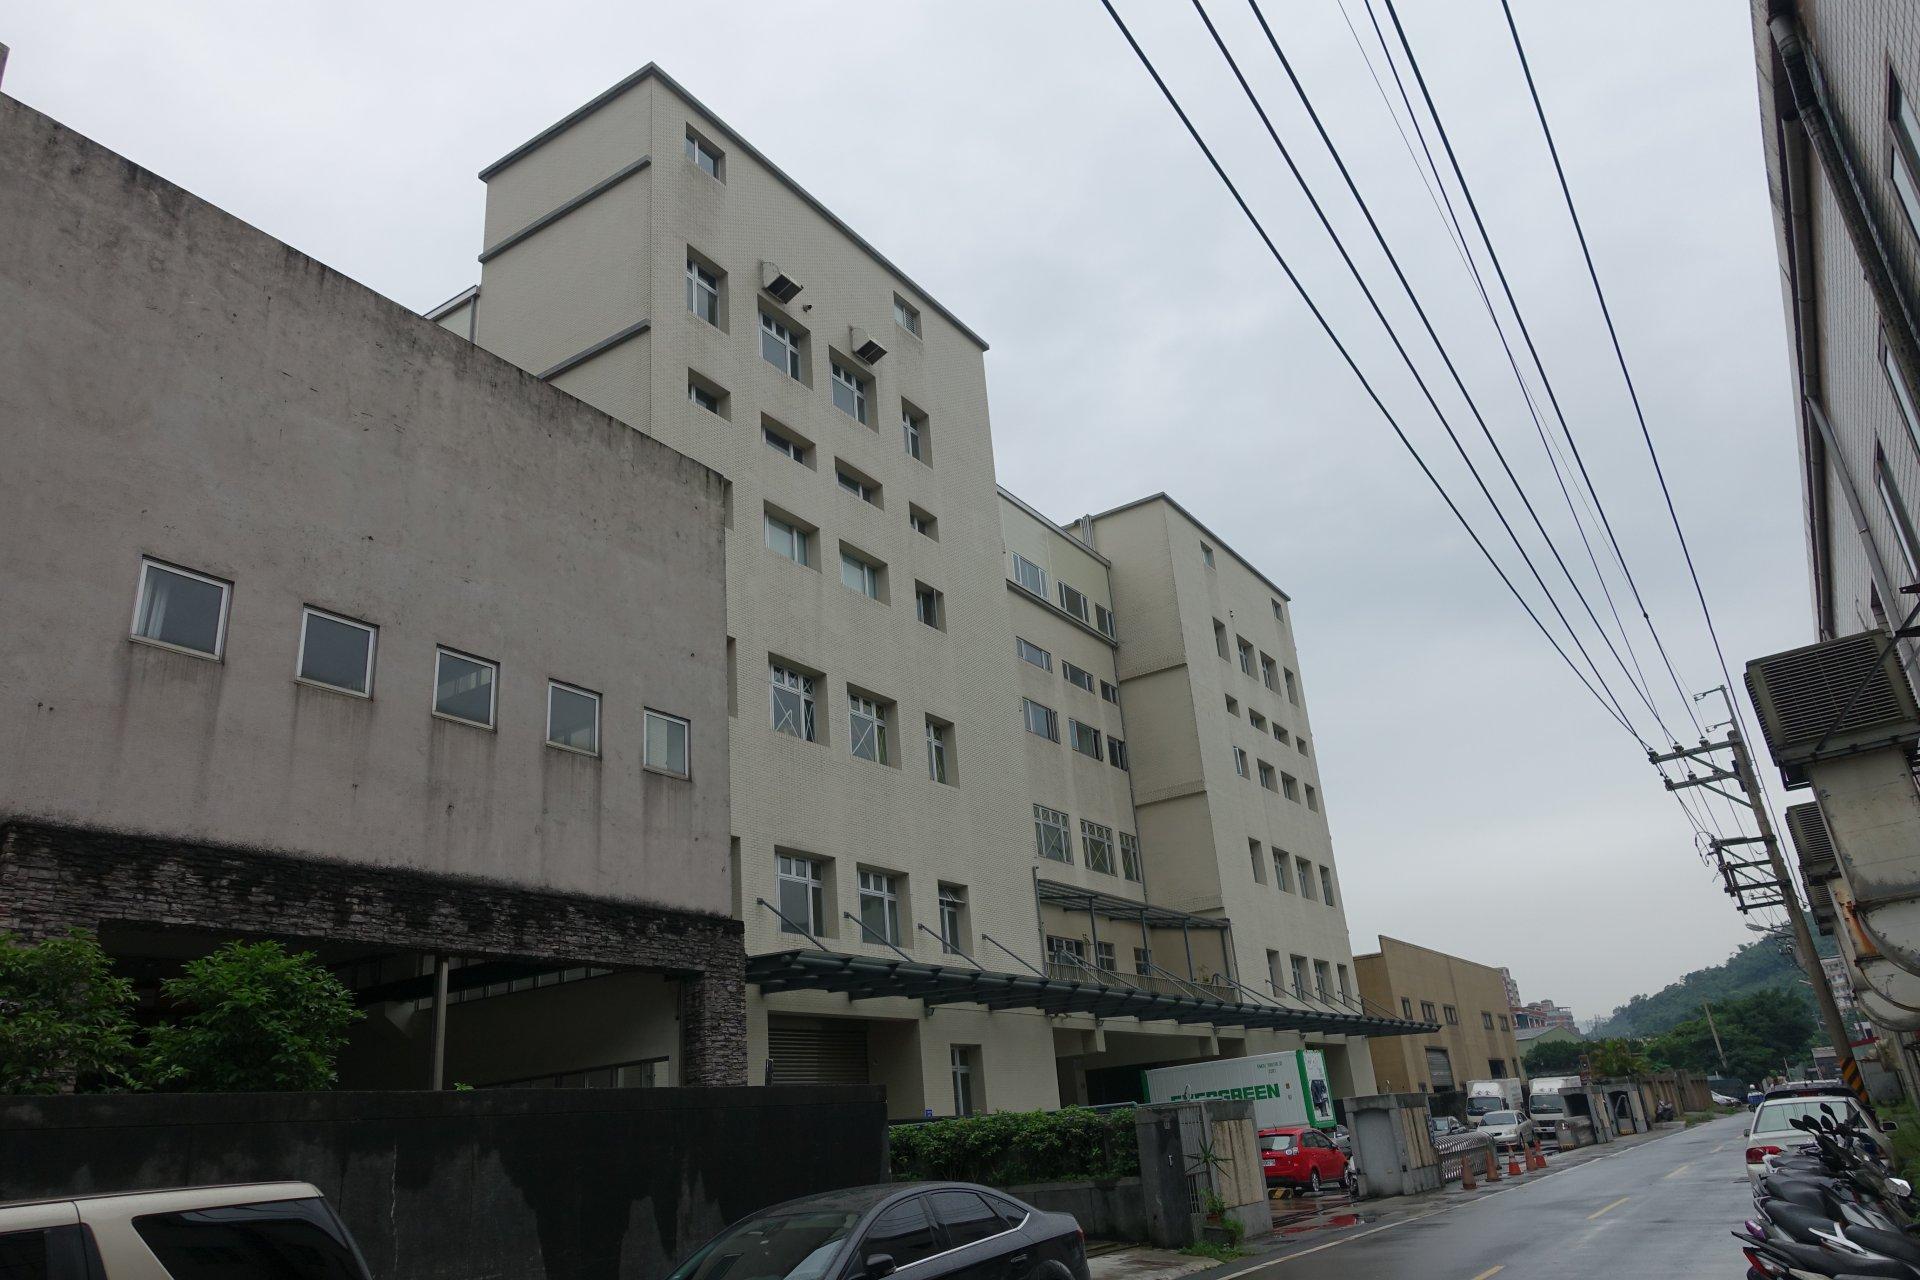 Lian Li Verwaltungsgebäude in Keelung. Die Produktion ist rechts gegenüber.